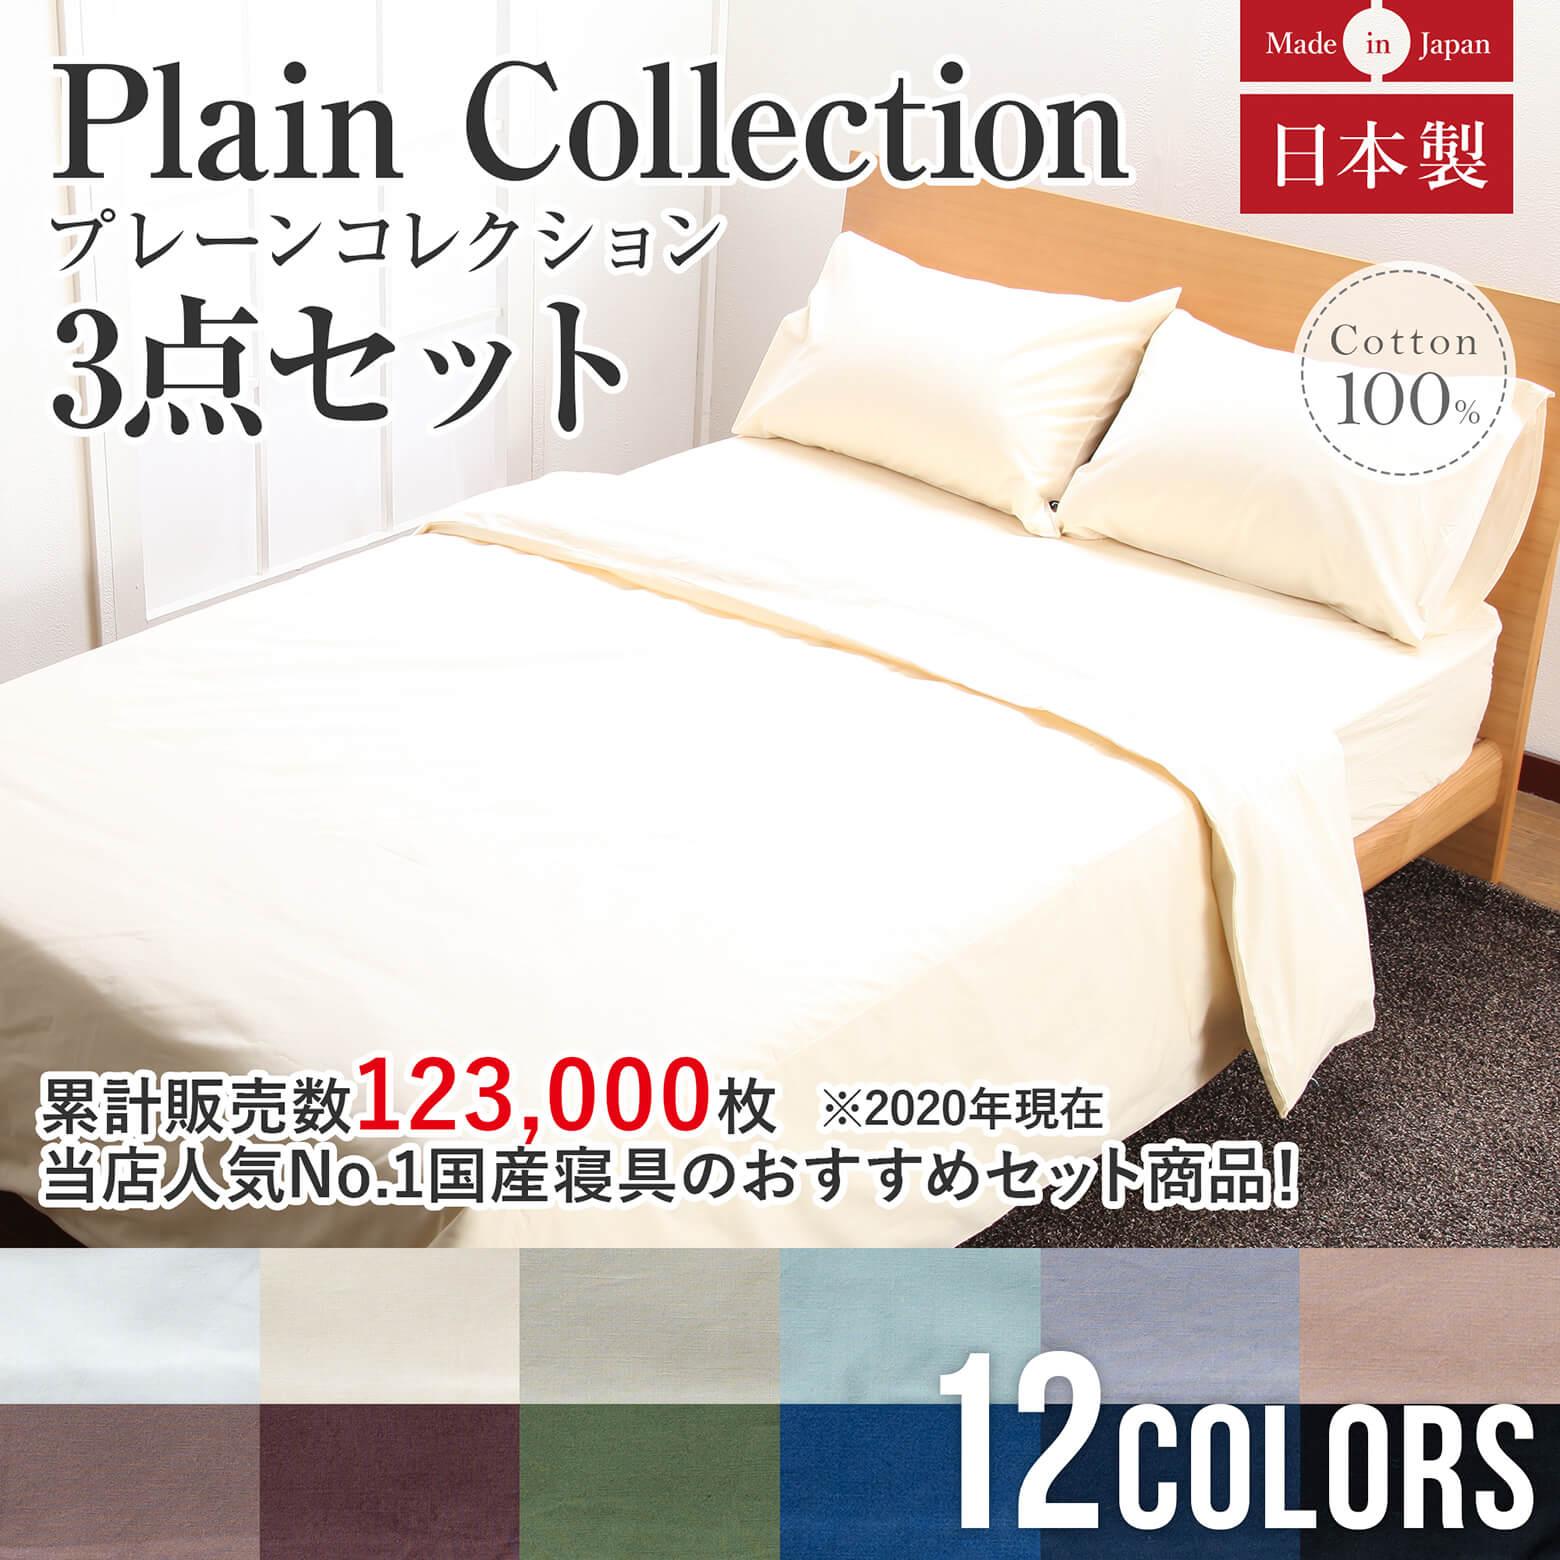 カラーも豊富、サイズも豊富! 当店人気No.1国産寝具カバー3点セット